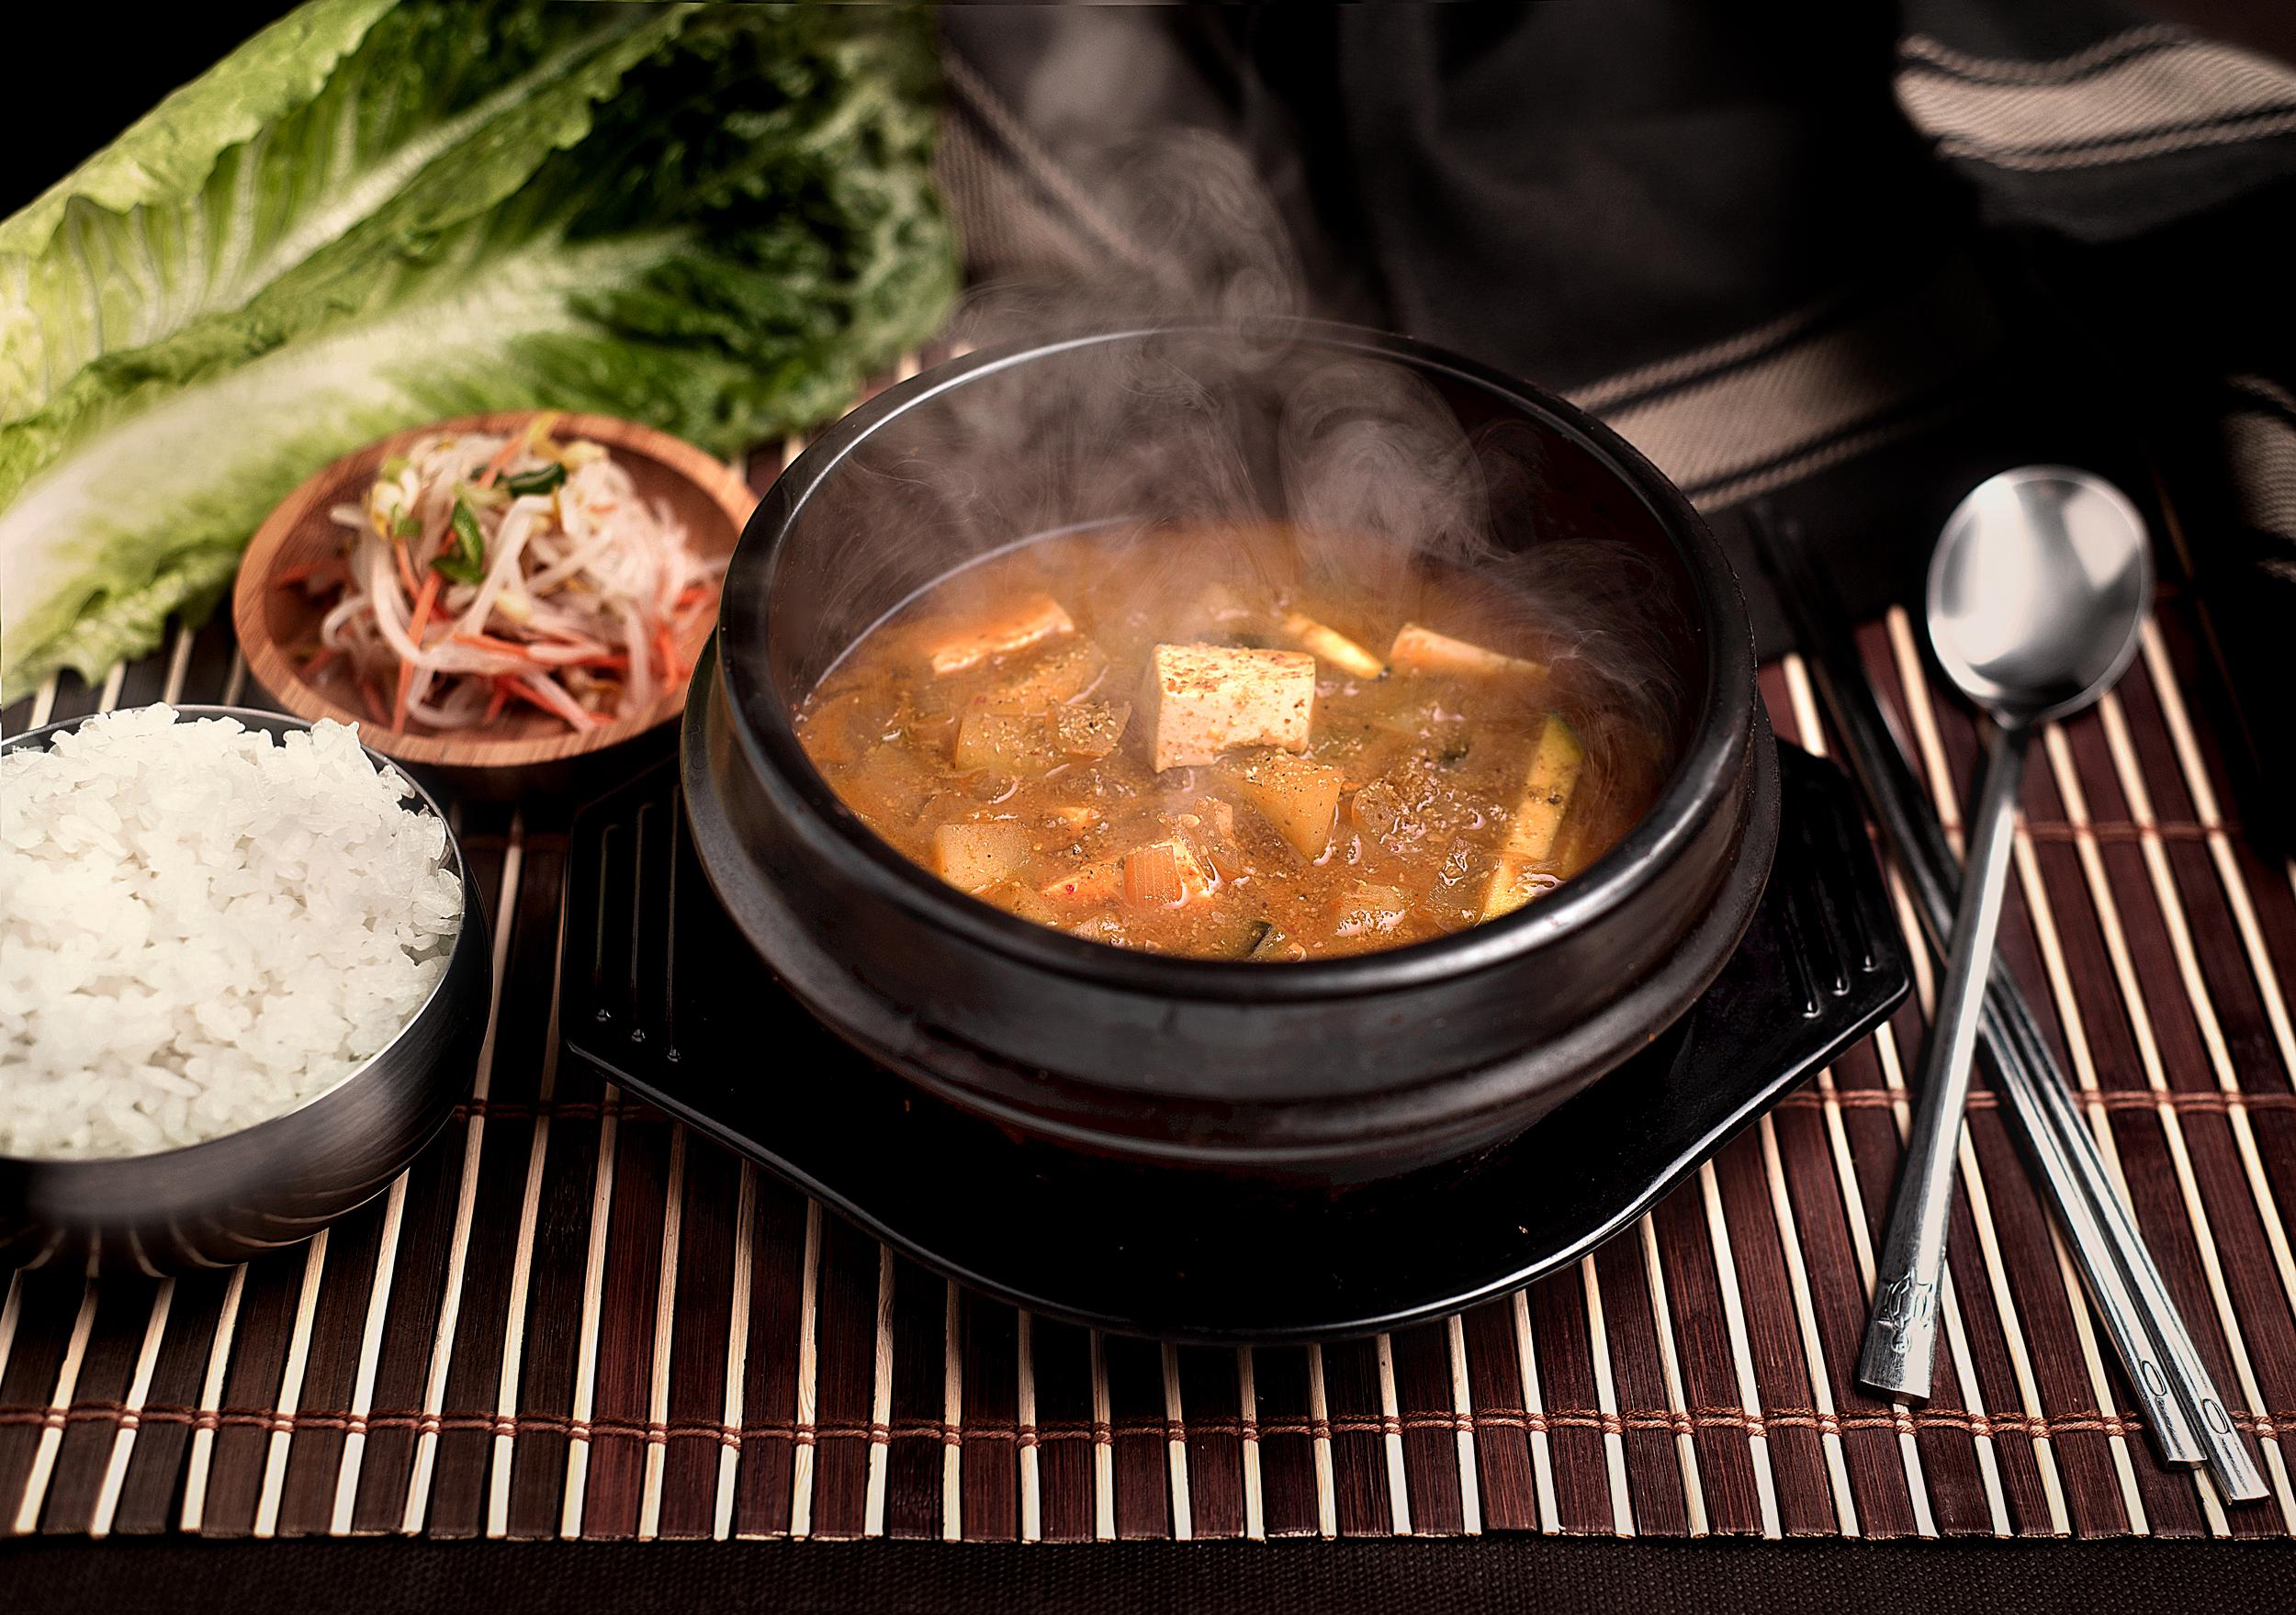 """Duenjangchigue - Cazuela hirviente de caldo de pasta de soja con tofu y verduras.Plato de caldo tradicional coreano hecho de pasta de soja, tofu en trozos, chirlas y verduras varias, servido en un cuenco de barro caliente y un bowl de arroz blanco.La forma perfecta para saborear """"el queso coreano"""" en forma de caldo, un sabor profundo e intenso.11.90€"""